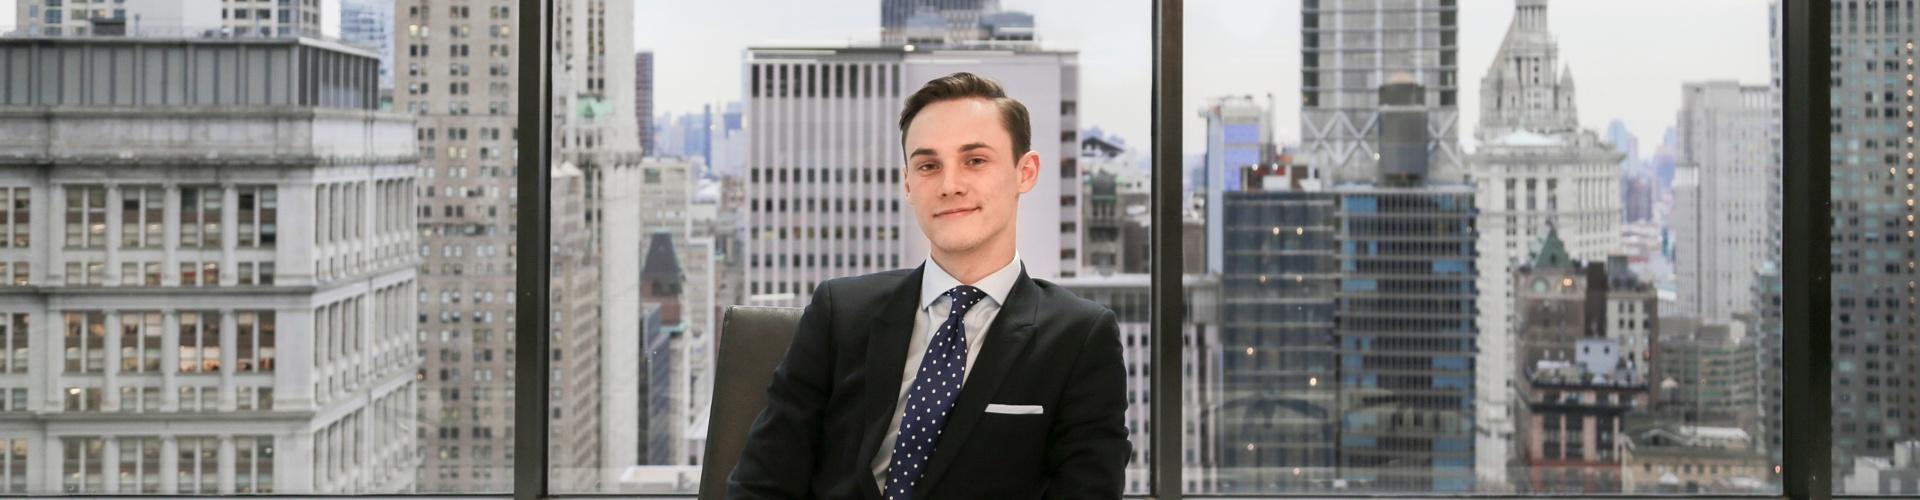 Staff Spotlight: Cain McKinnon